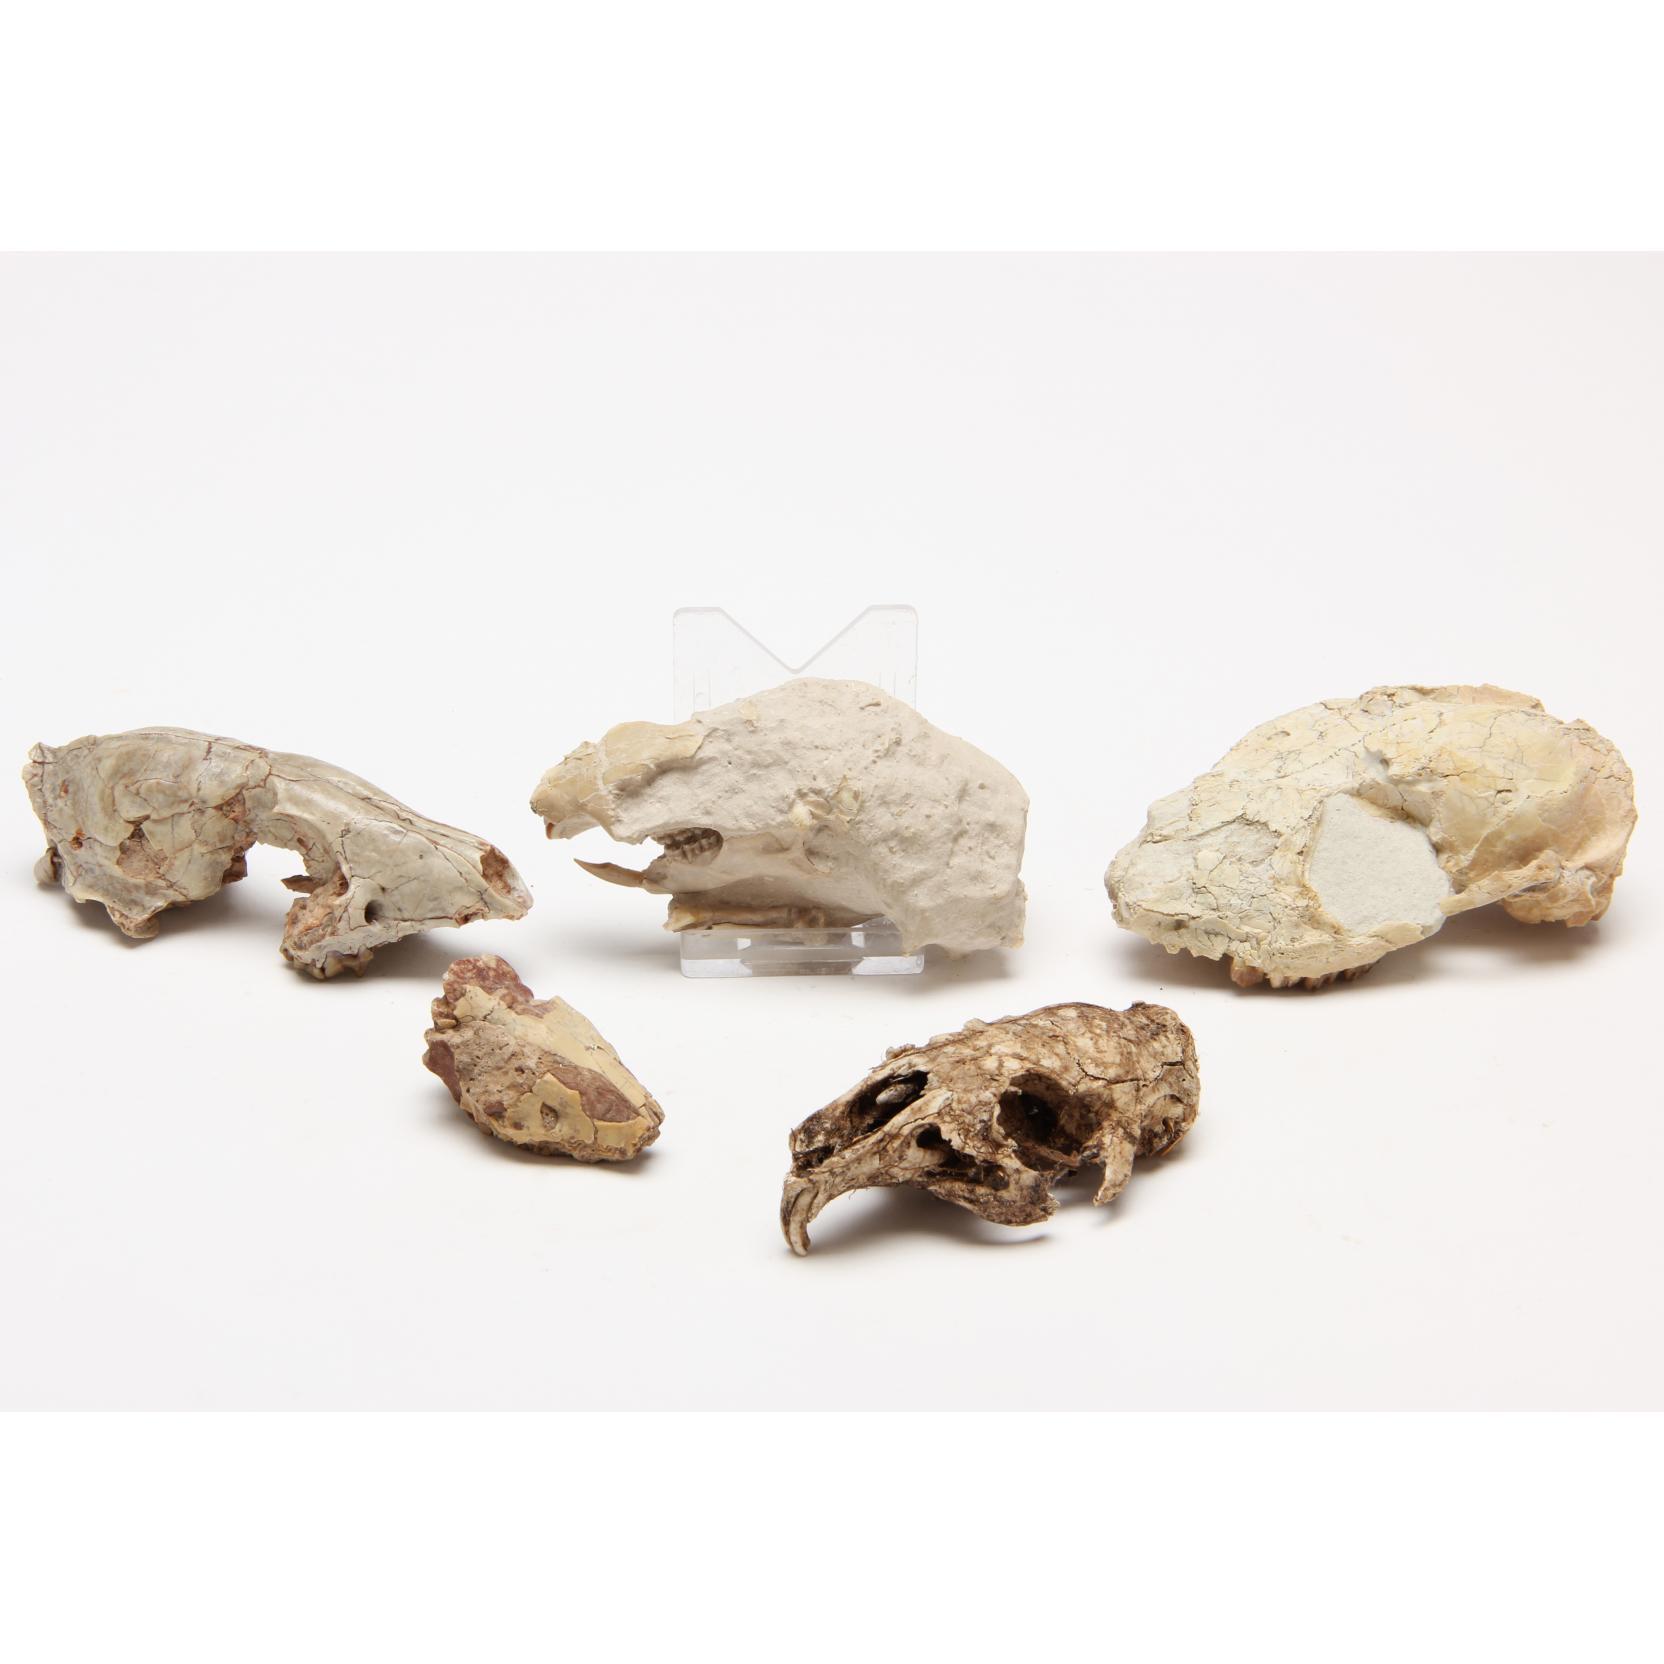 five-small-mammalian-fossil-upper-skulls